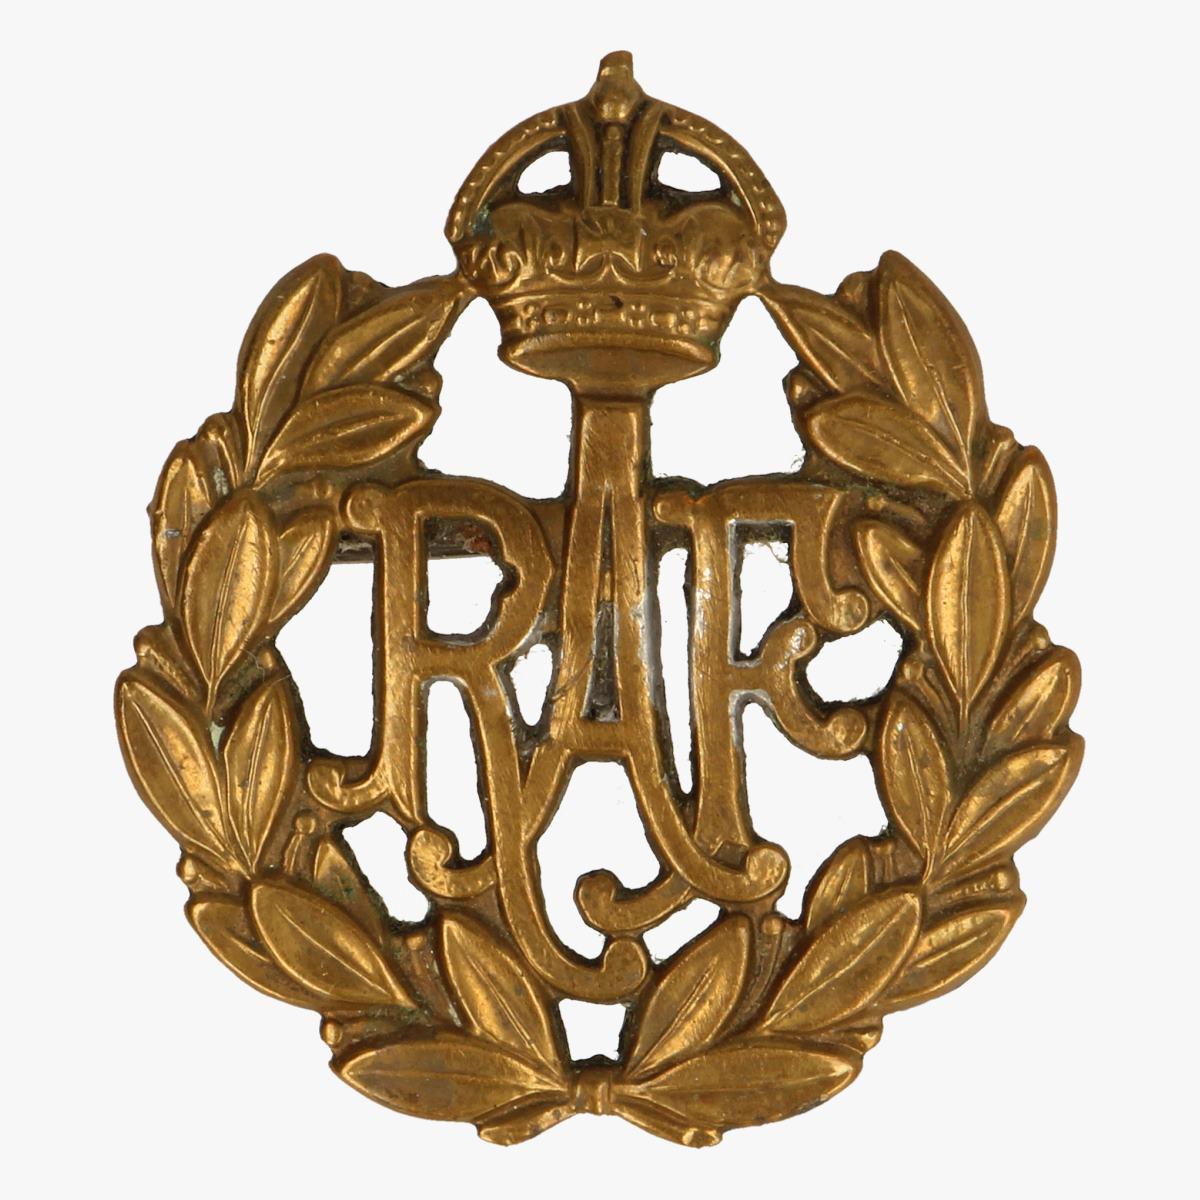 Afbeeldingen van lot royal airforce Bevingen le 15/10/46 kenteken wo2